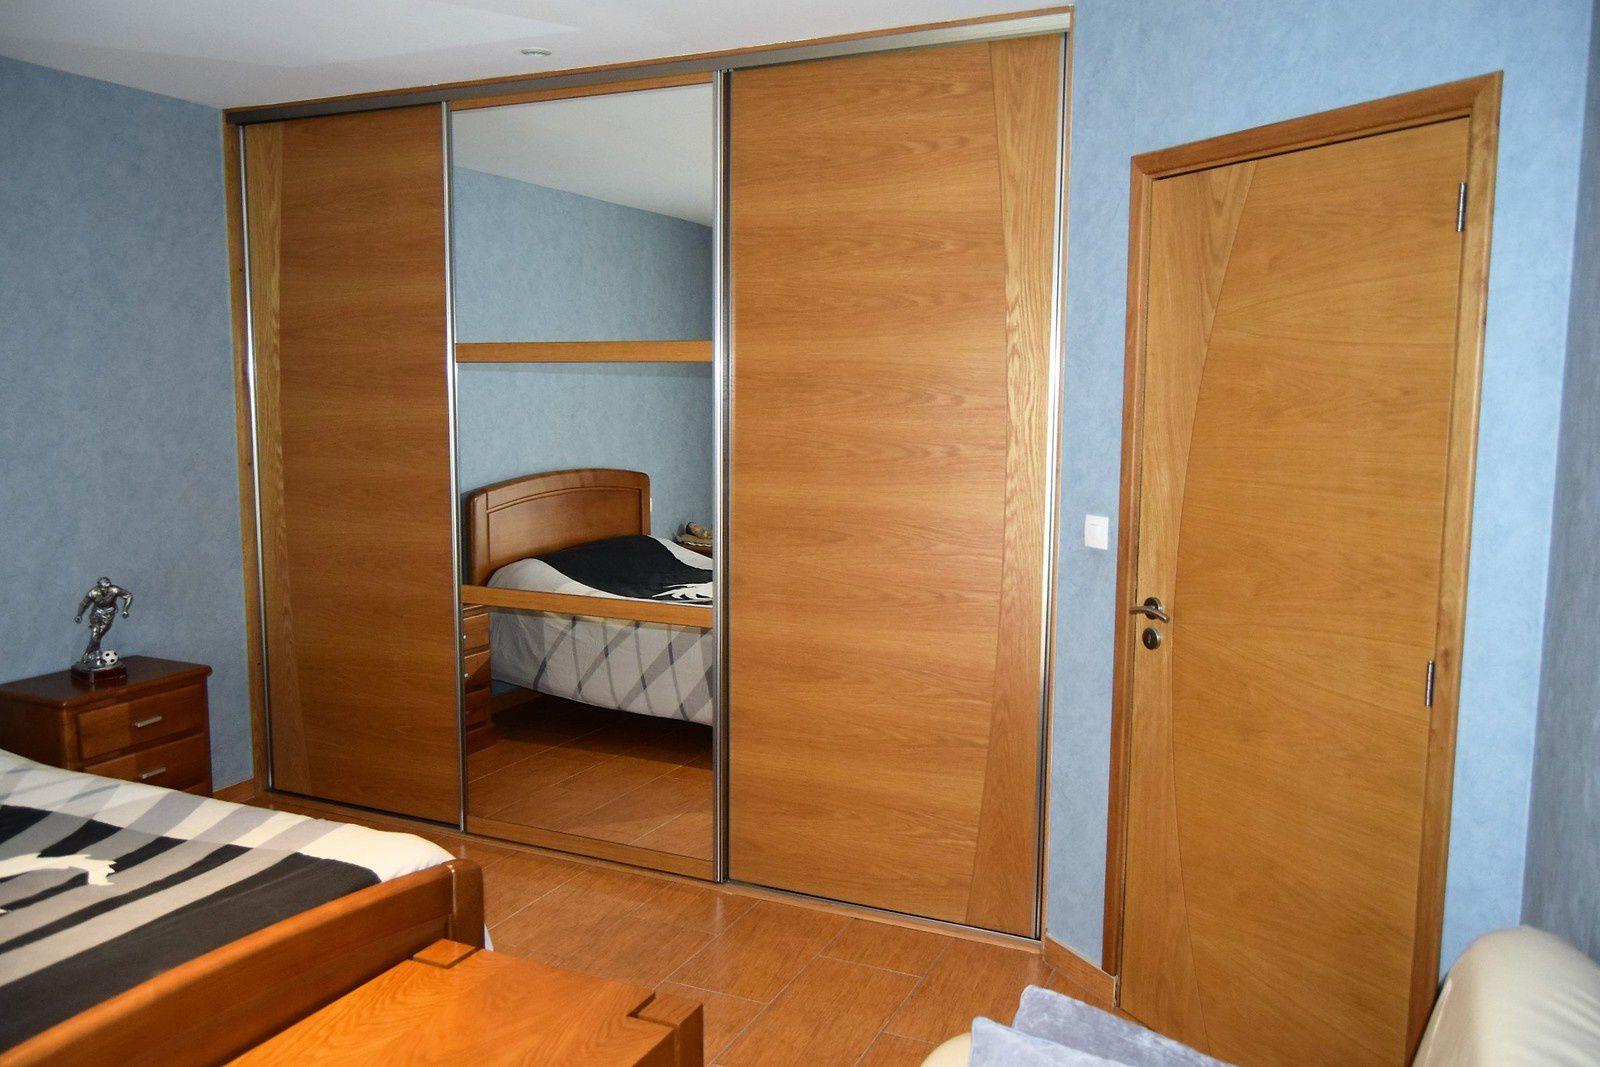 Vente maison contemporaine Bessines (79000) 5 pièce(s) 160 m2